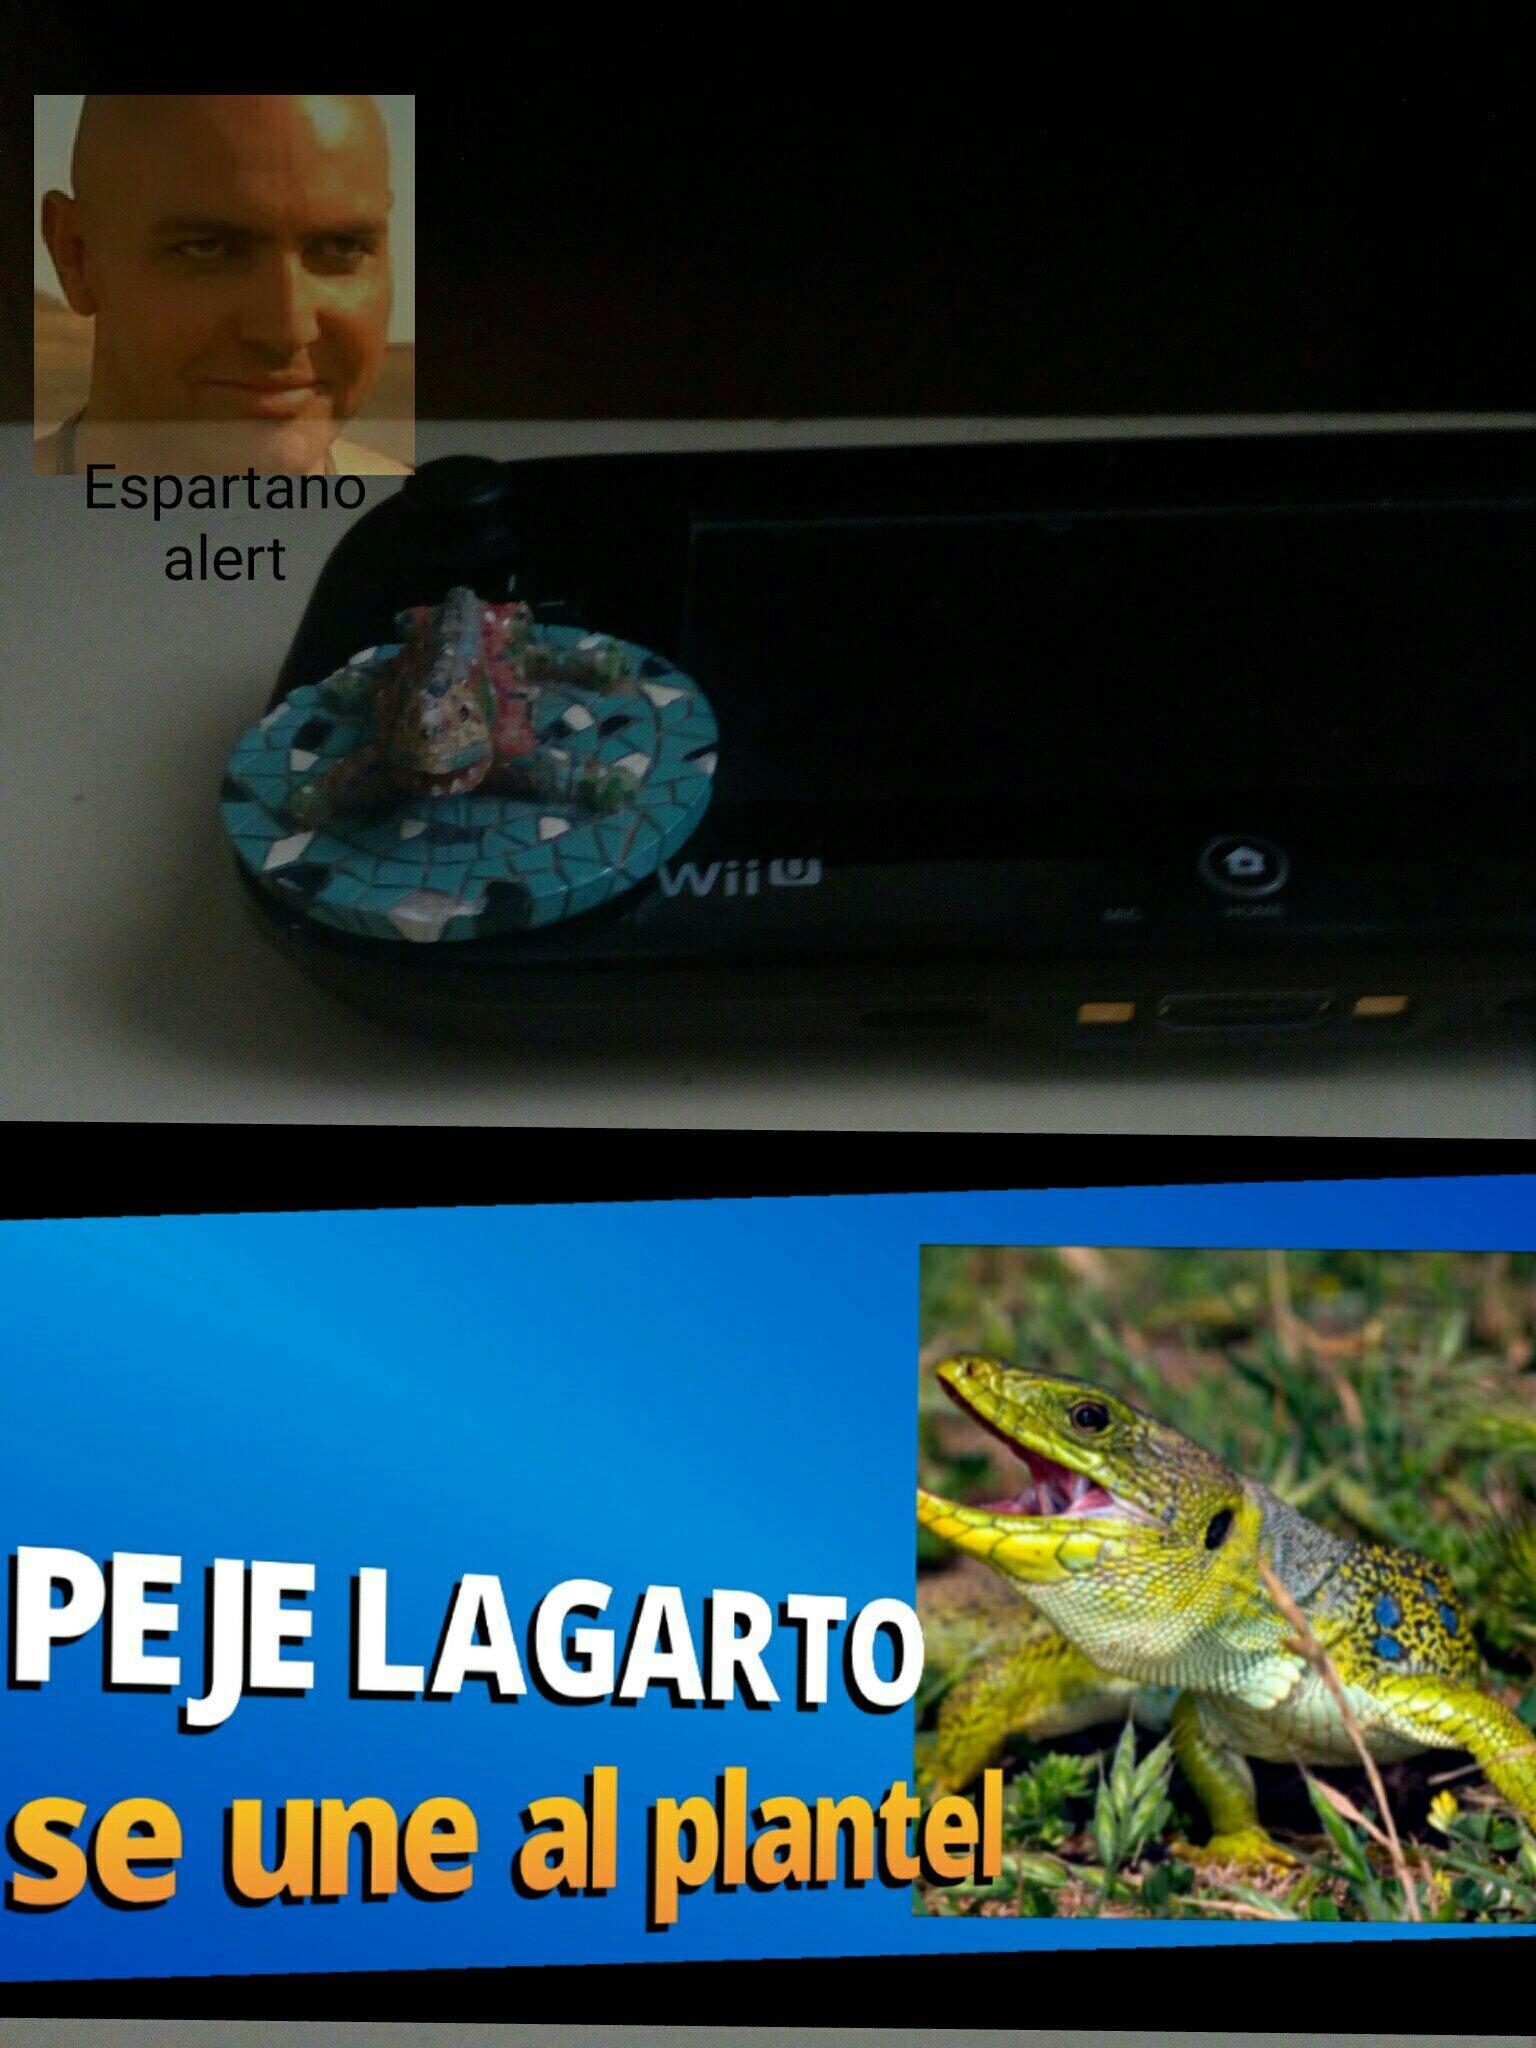 PUTO EL QUE RECHACE - meme